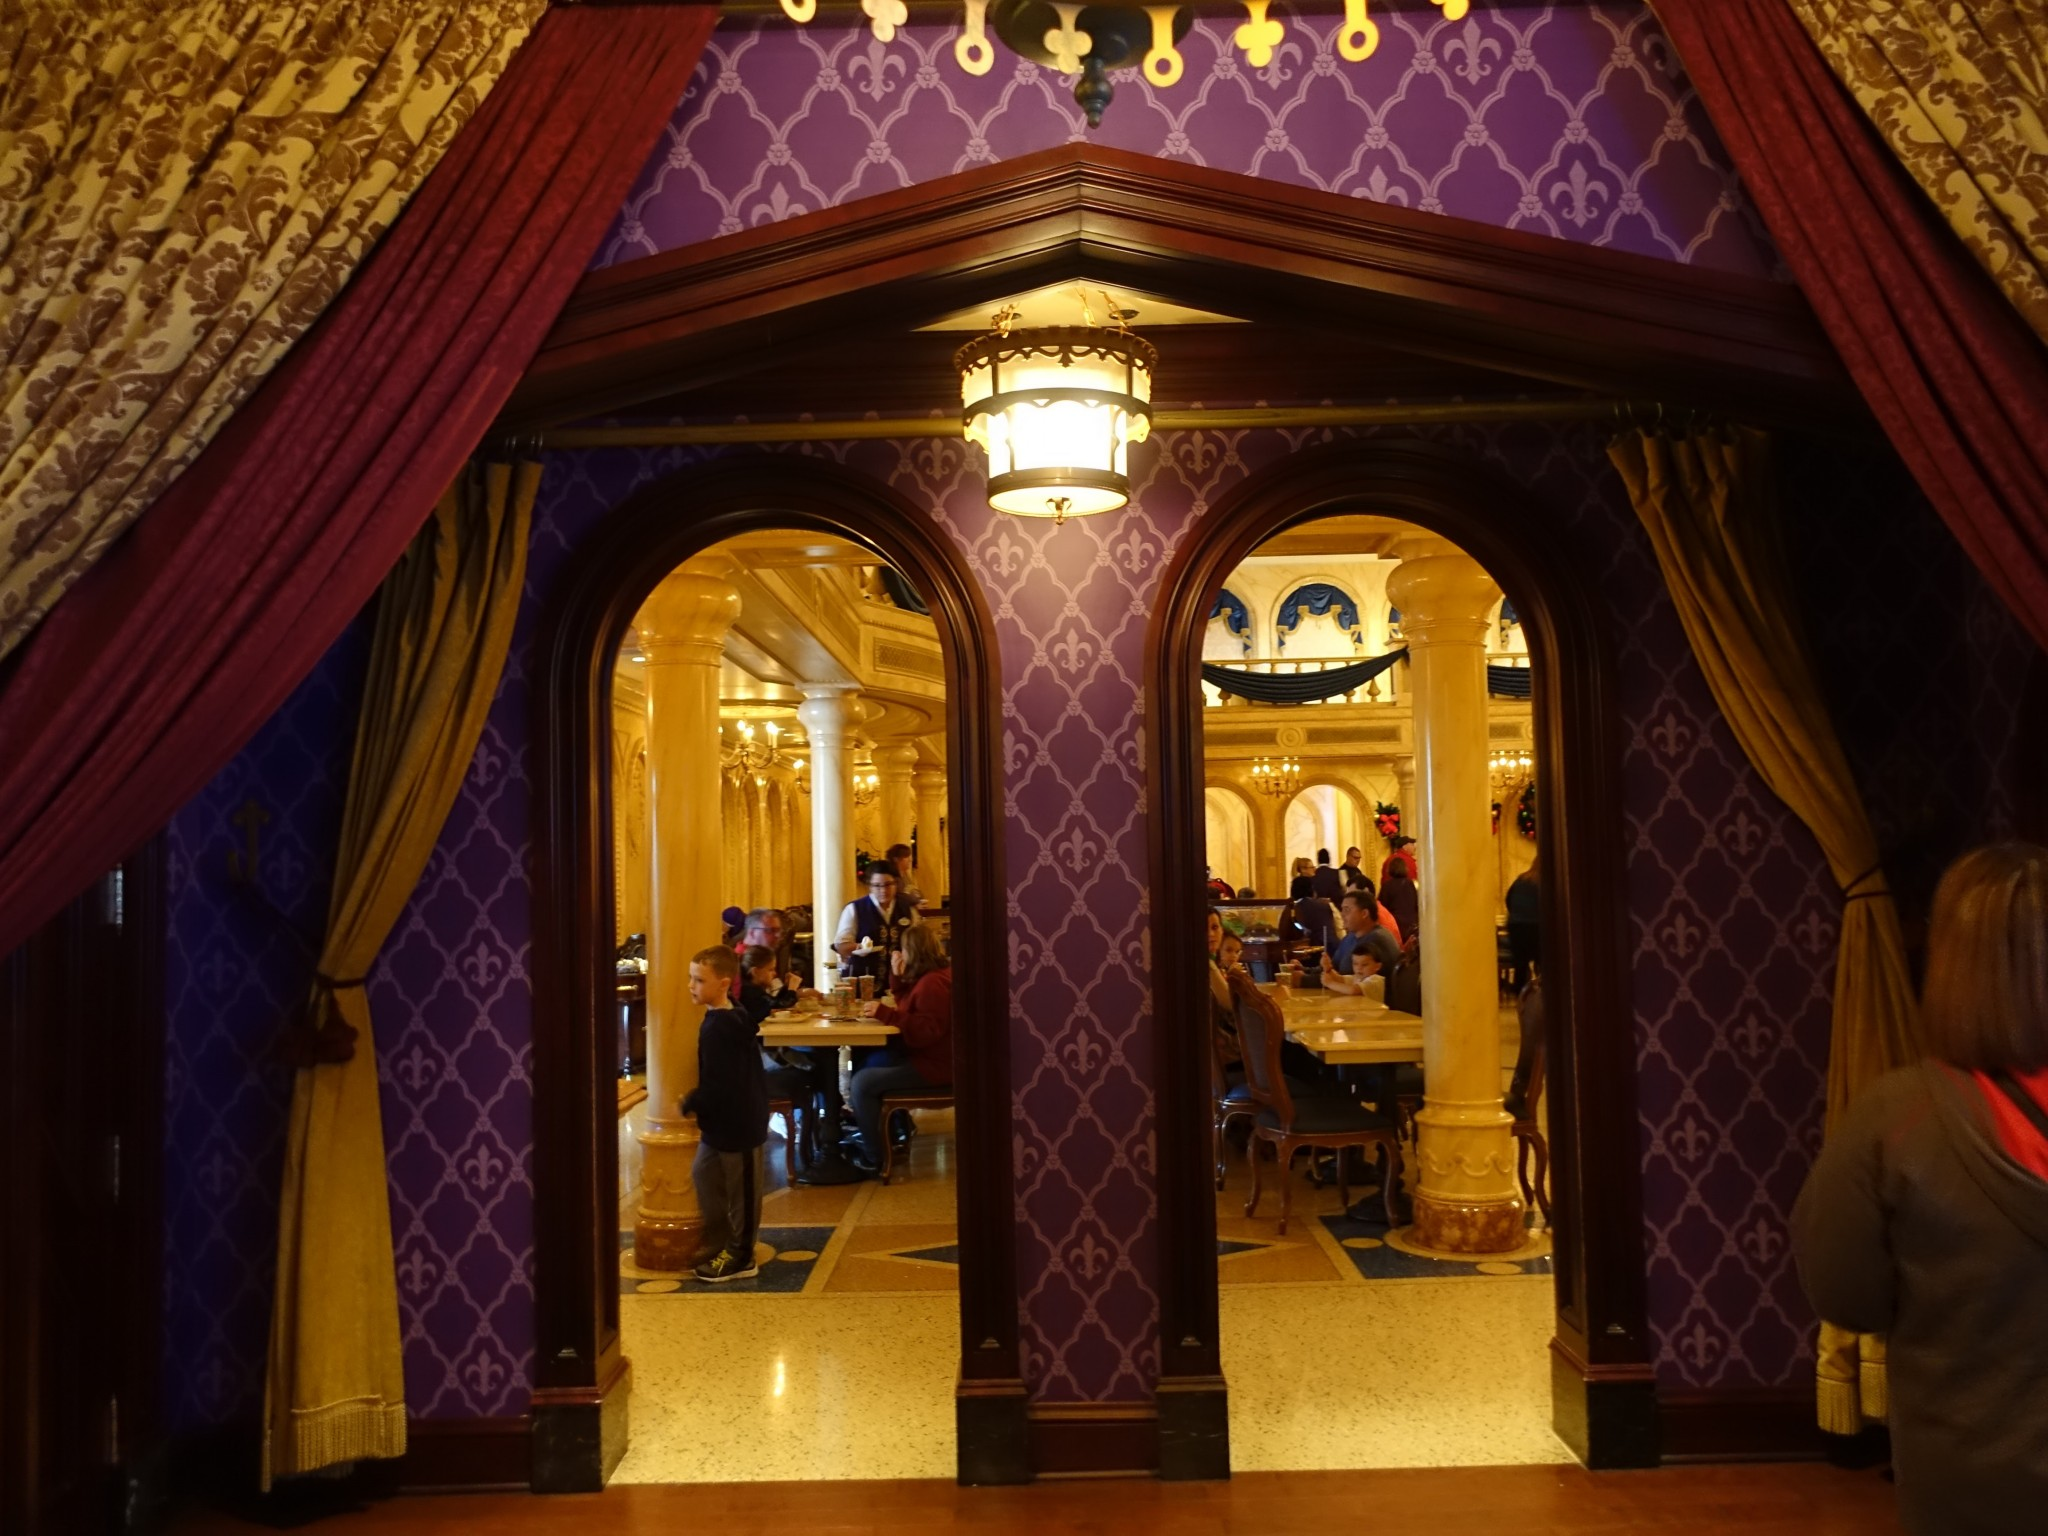 WDW旅行記ブログ/DCL旅行記ブログ マジックキングダム 美女と野獣のビーアワゲストレストラン